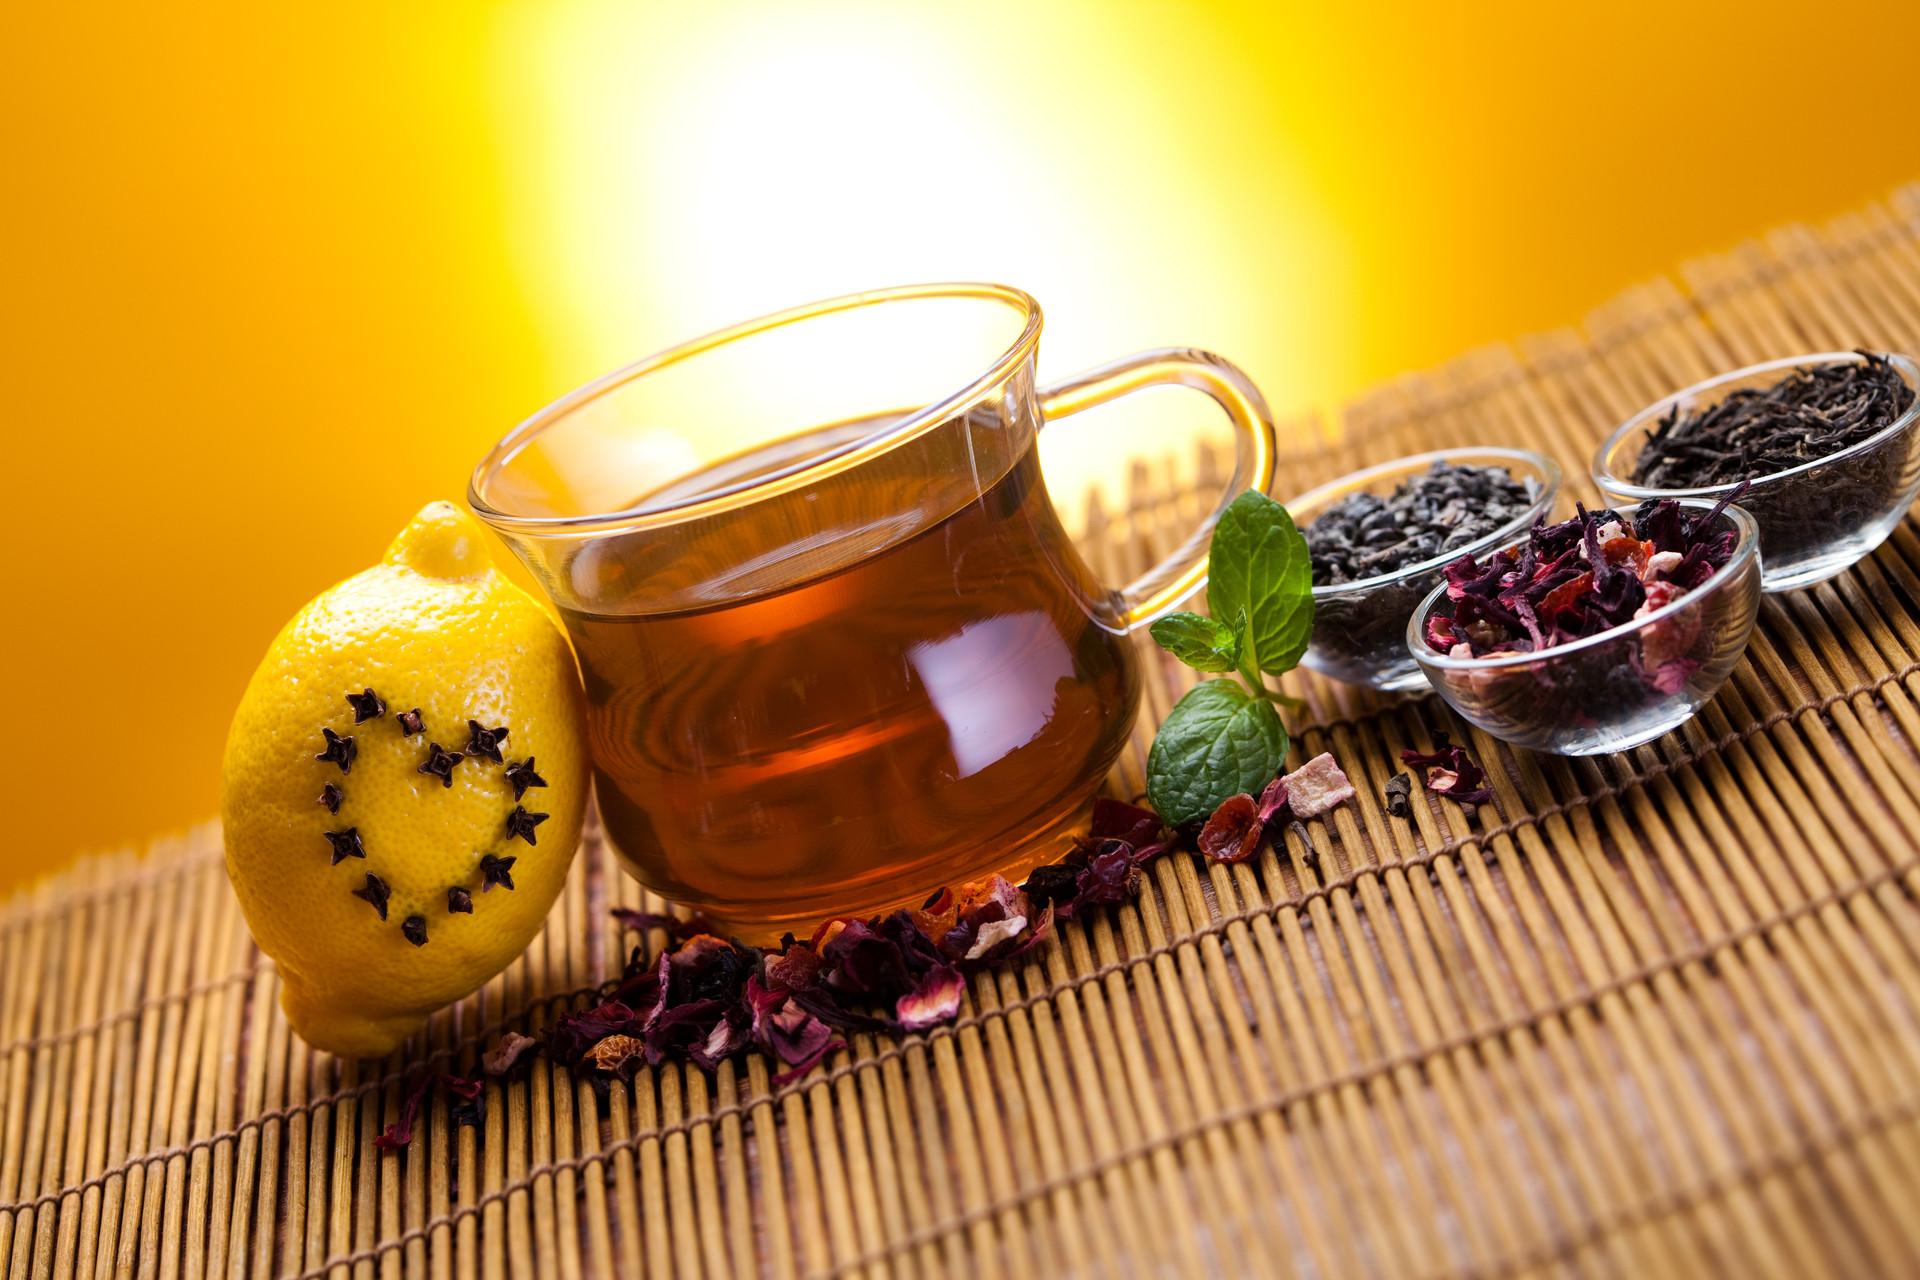 пирожные лимоны чай  № 3678315 без смс